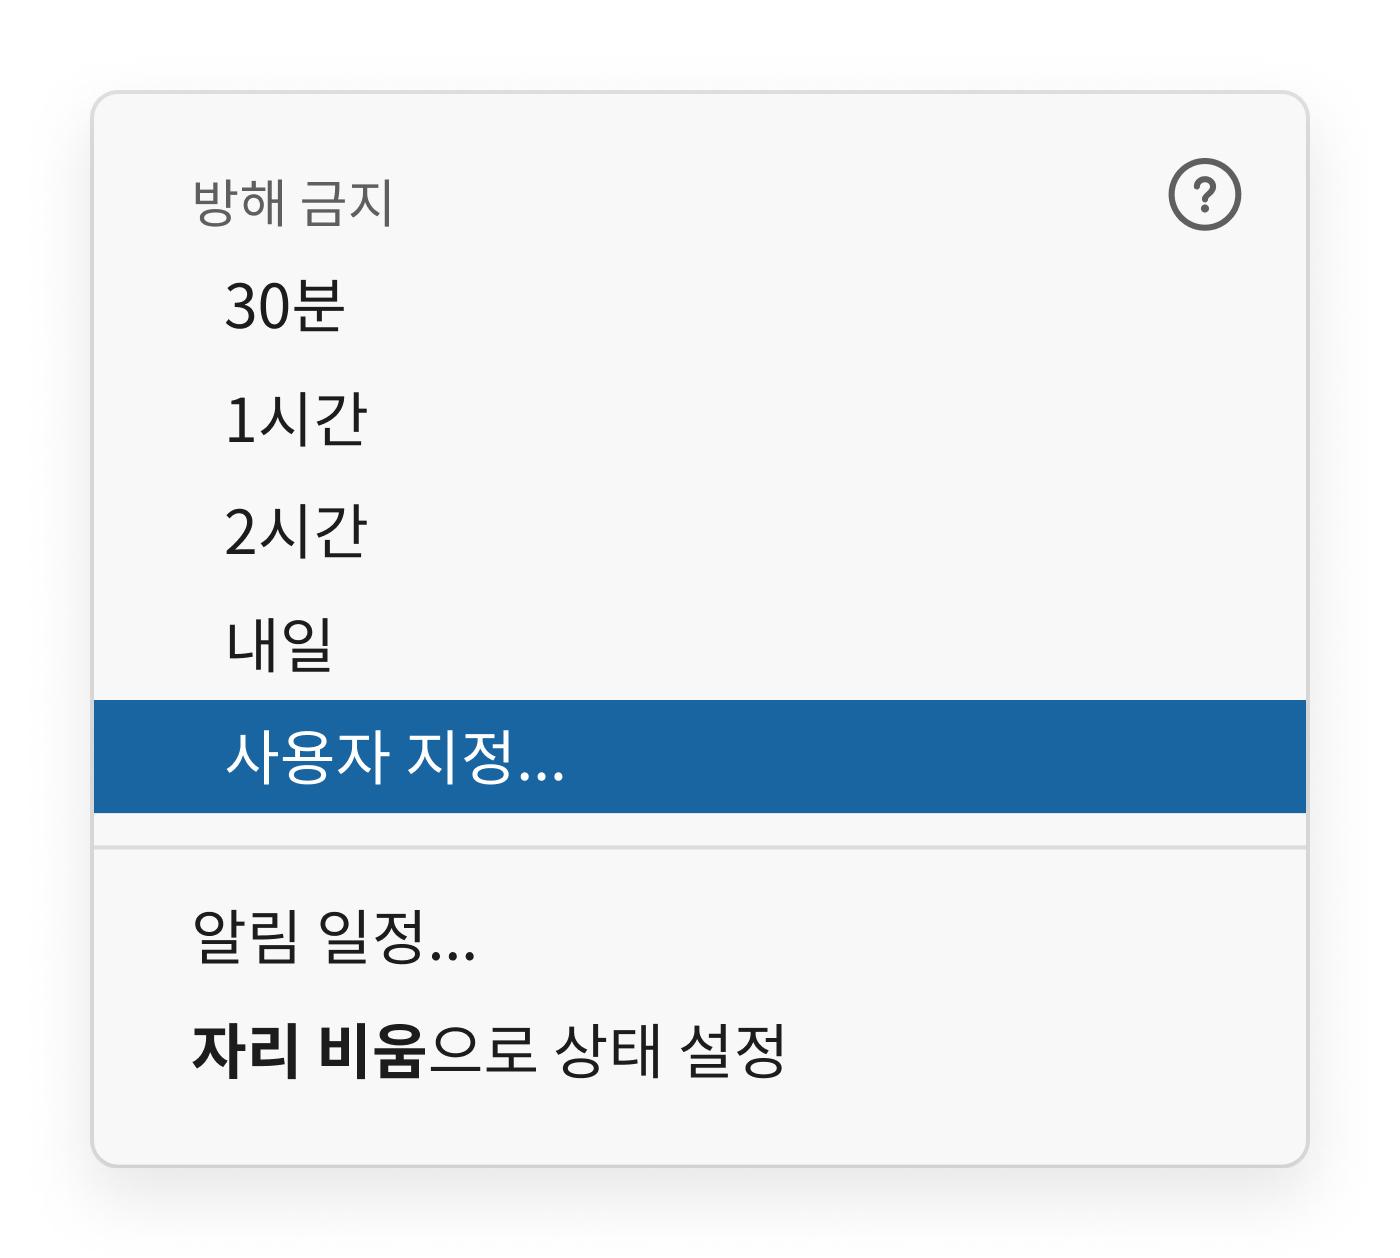 Slack에서 사용자 지정 상태를 설정하는 방법의 예